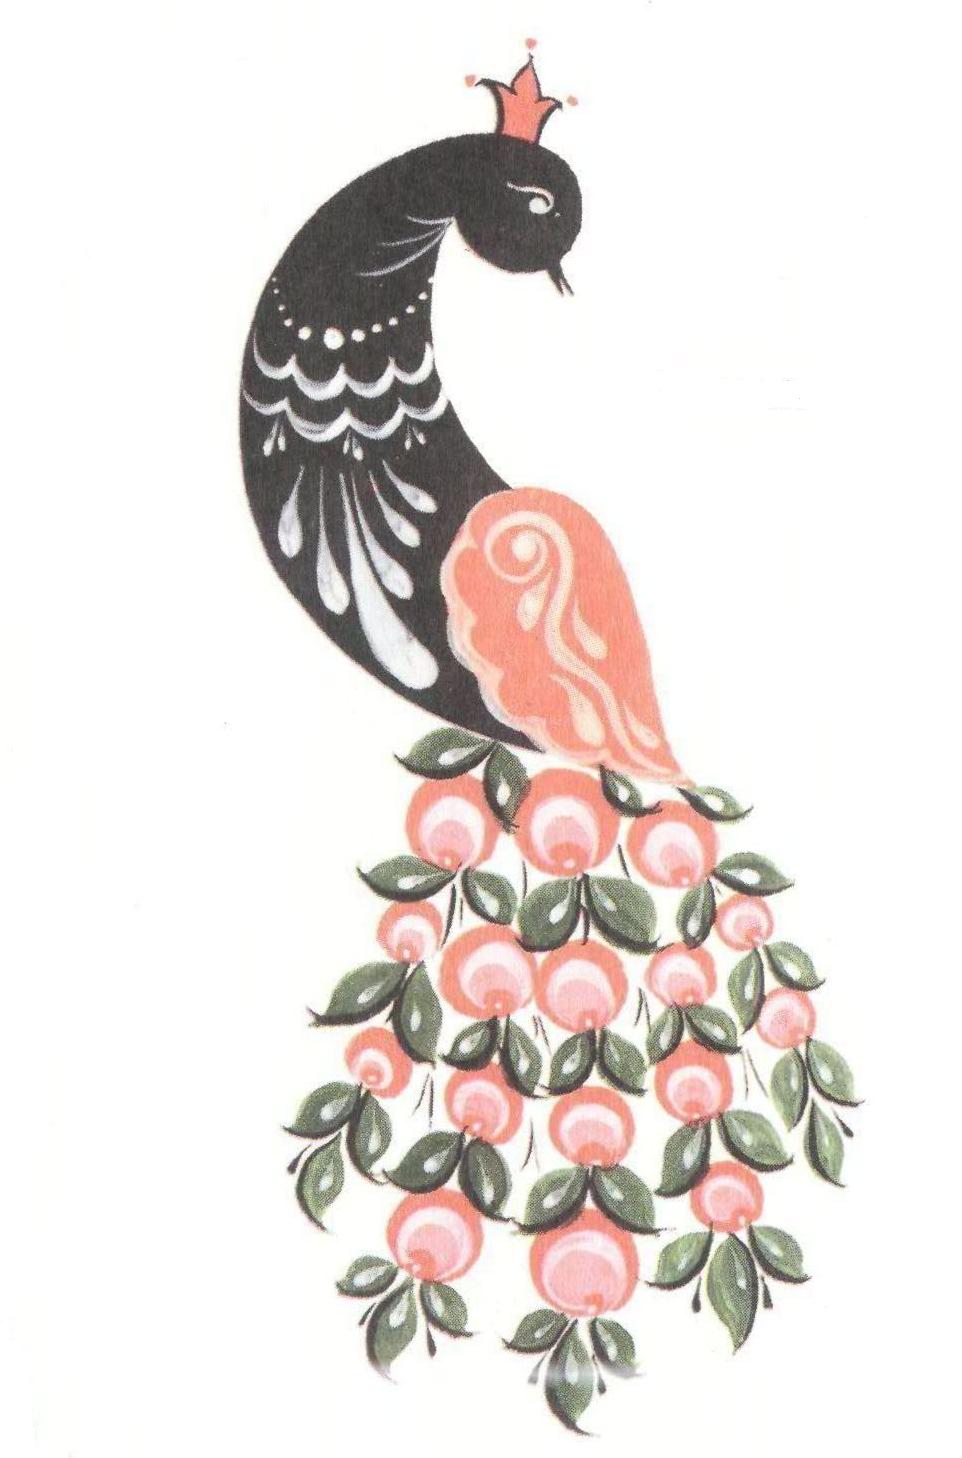 мнению блогеров, все картинки городецкой птицы тем менее, общим